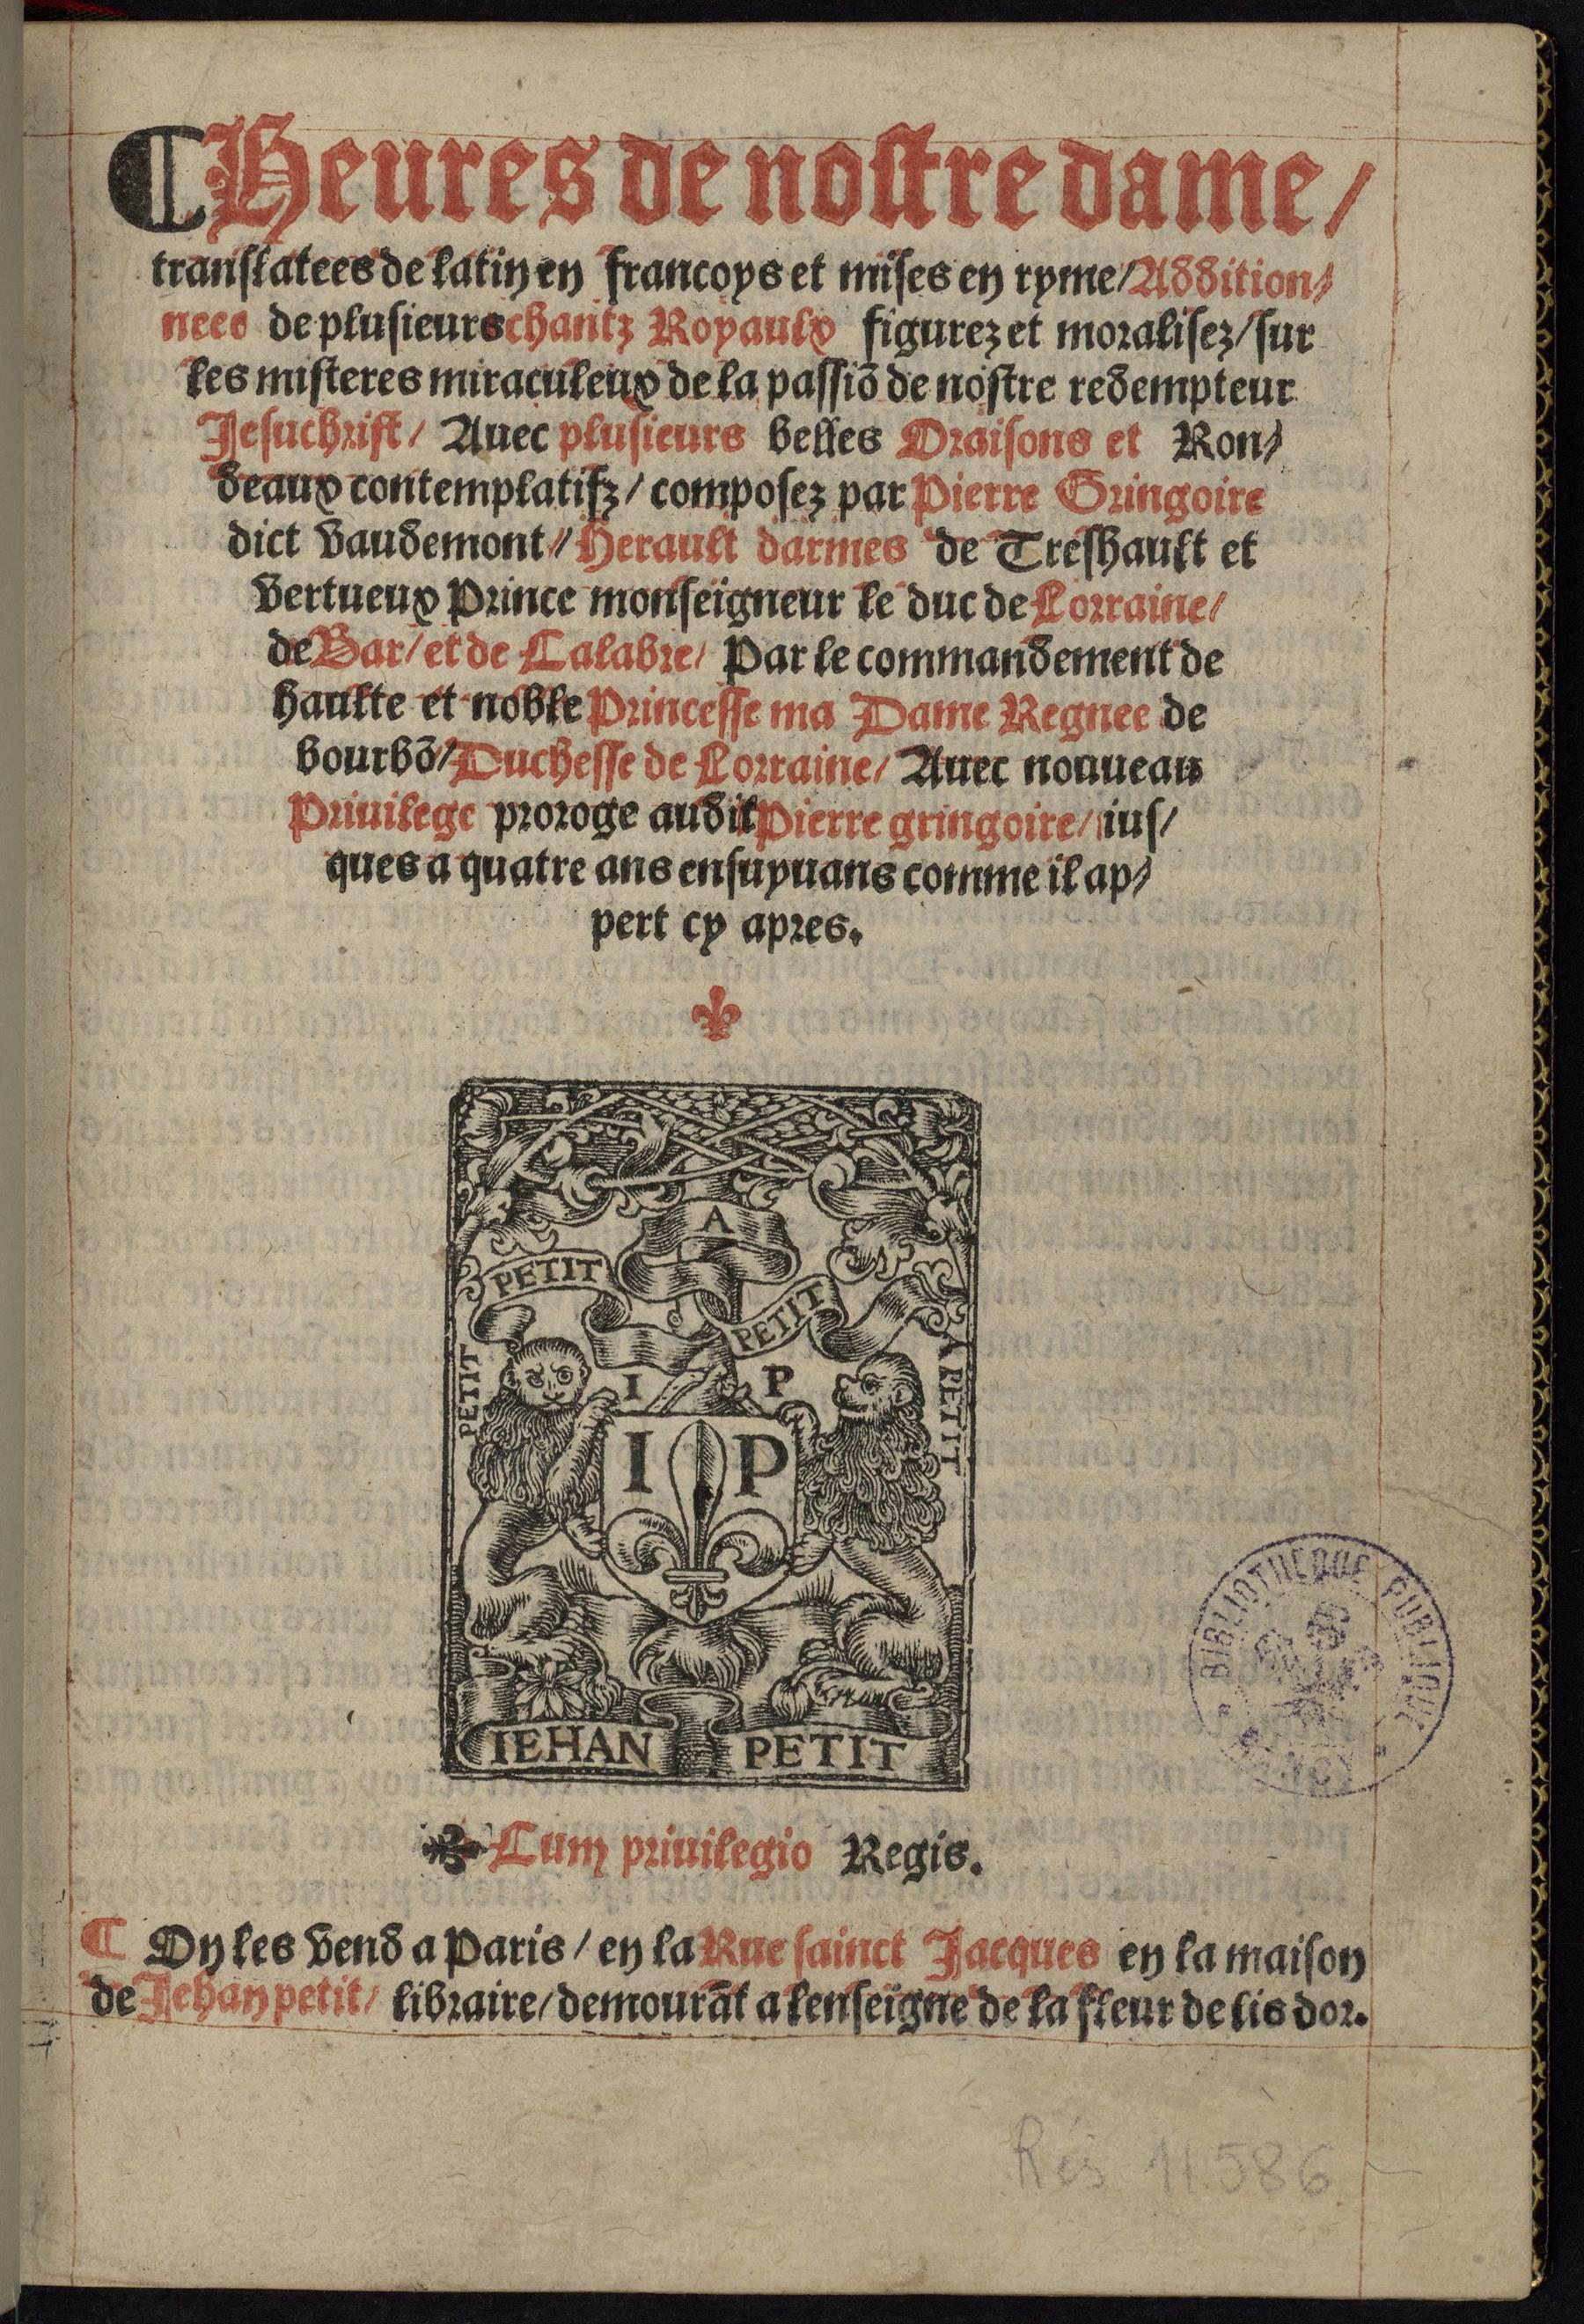 Contenu du Heures de nostre dame translatées de latin en françoys et mises en ryme additionnées de plusieurs Chantz royaulx